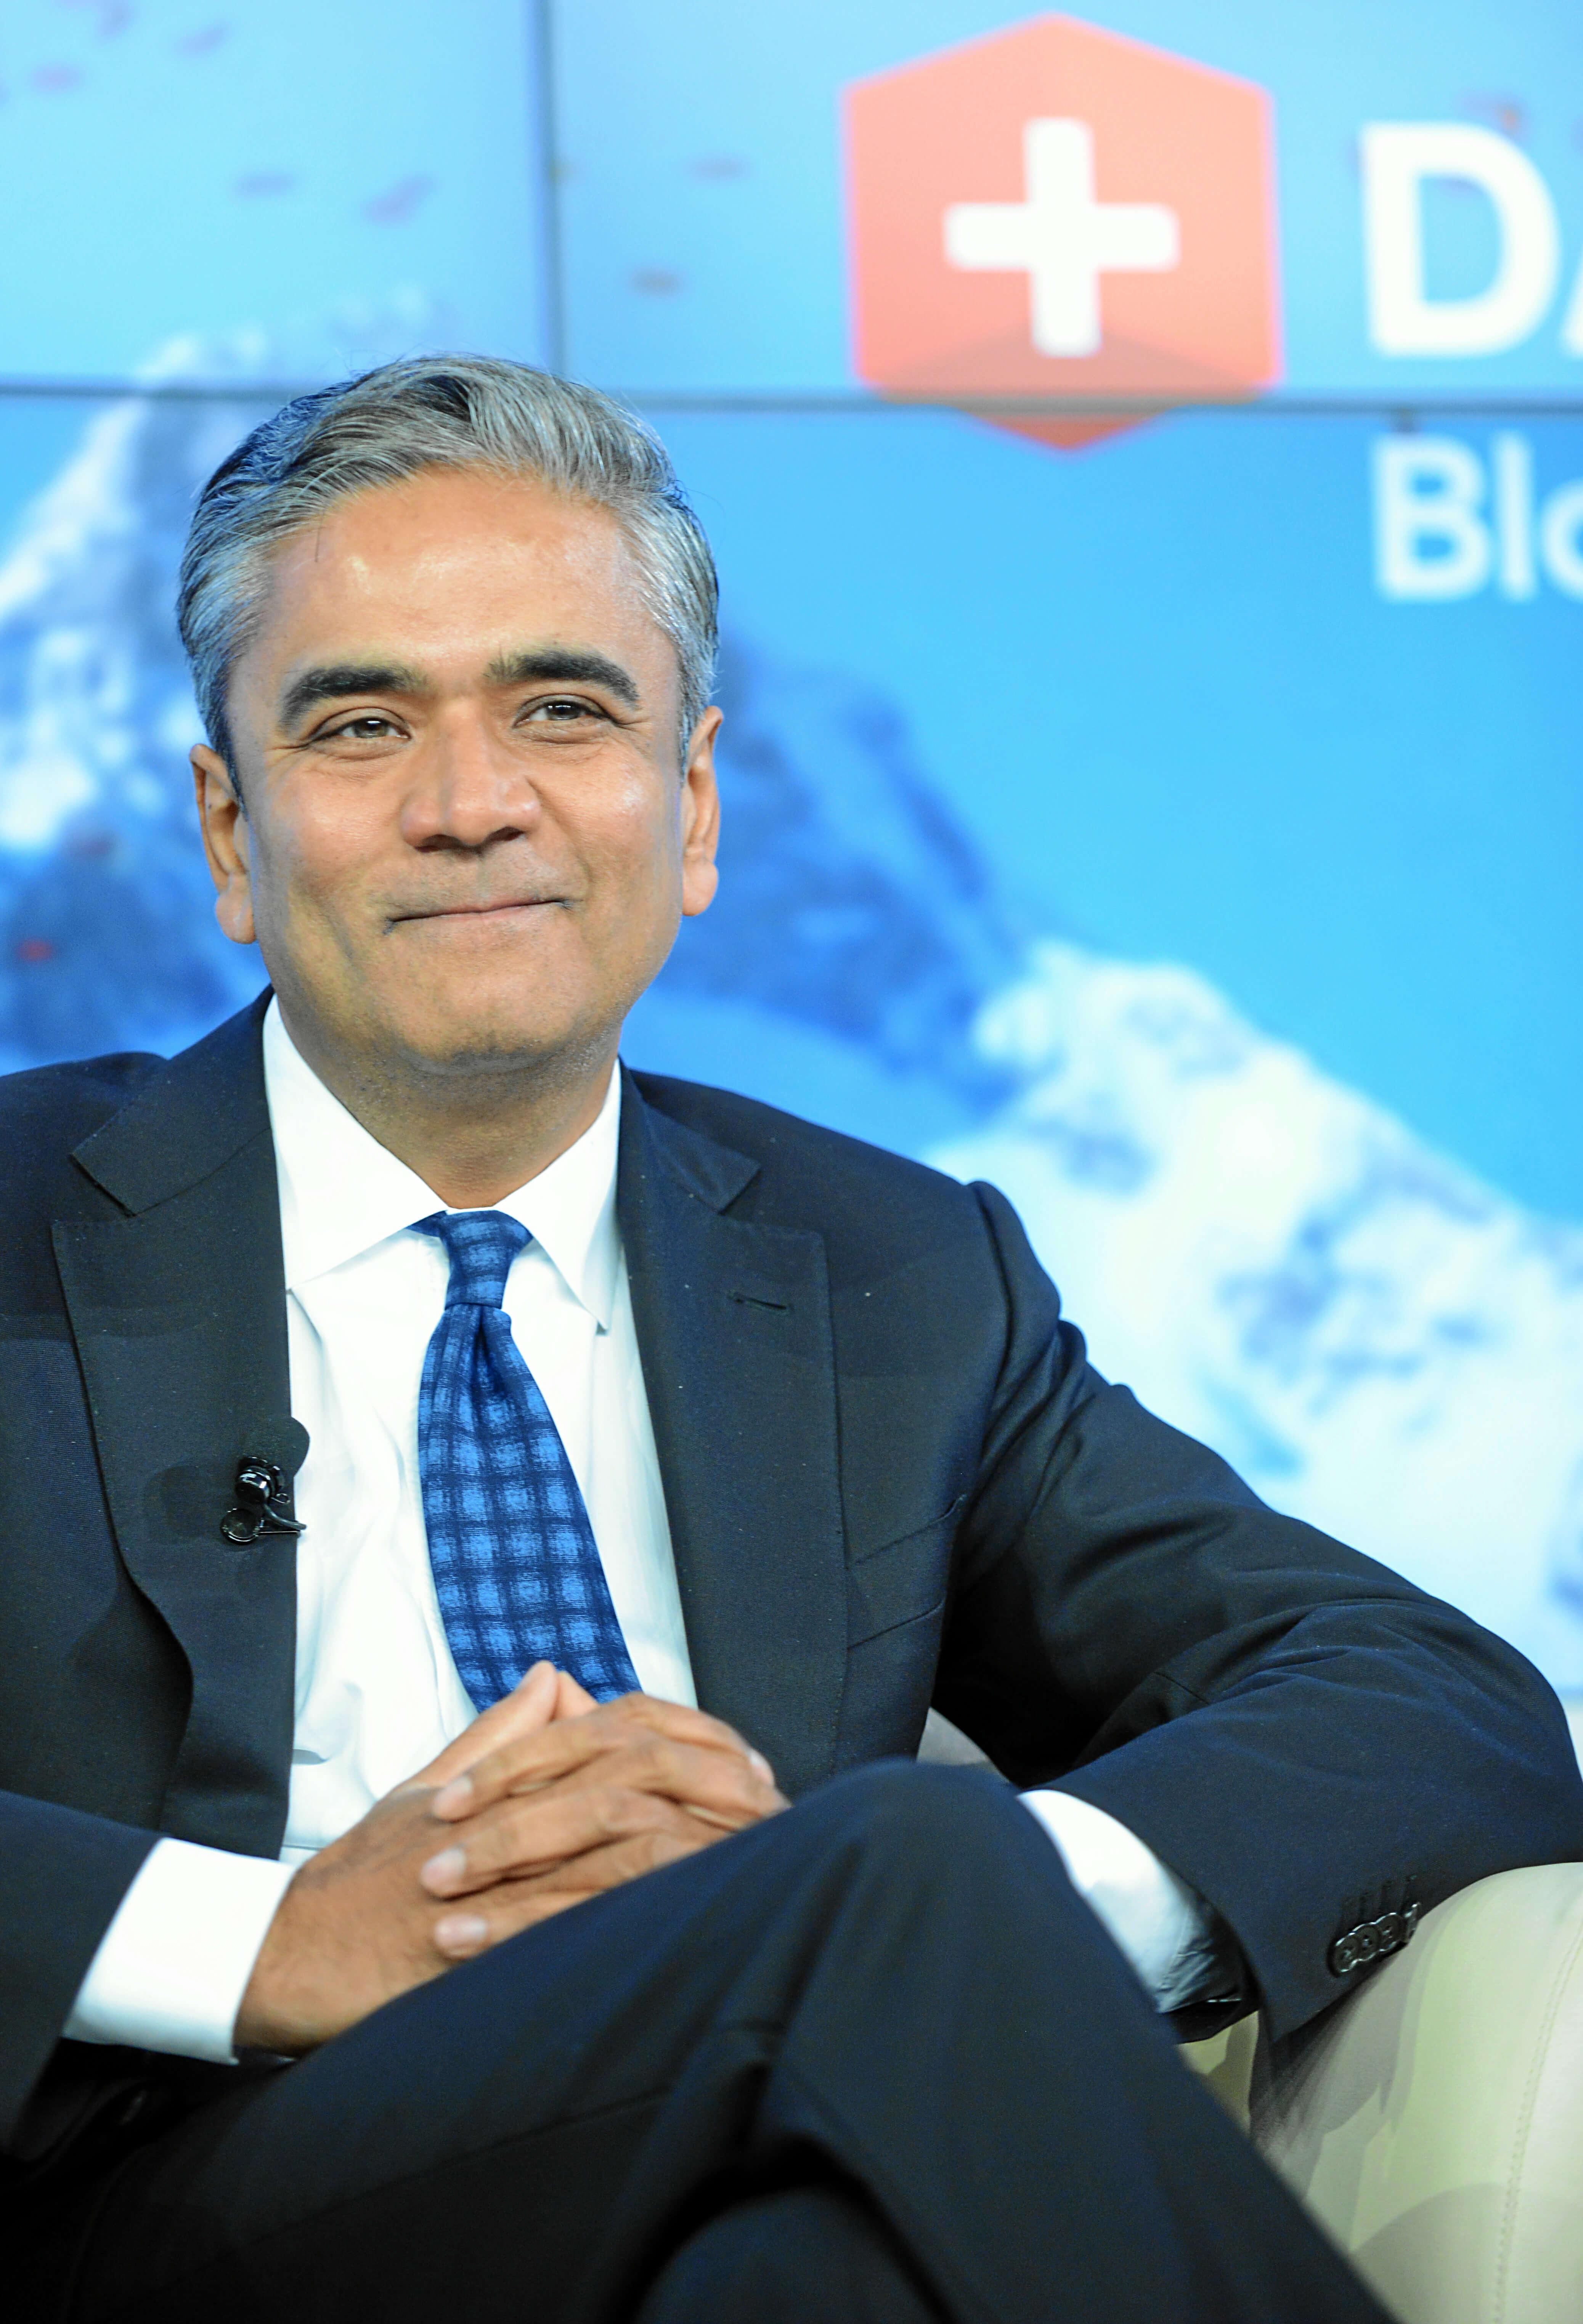 Rücktritte von Jain und Fitschen bei der Deutschen Bank